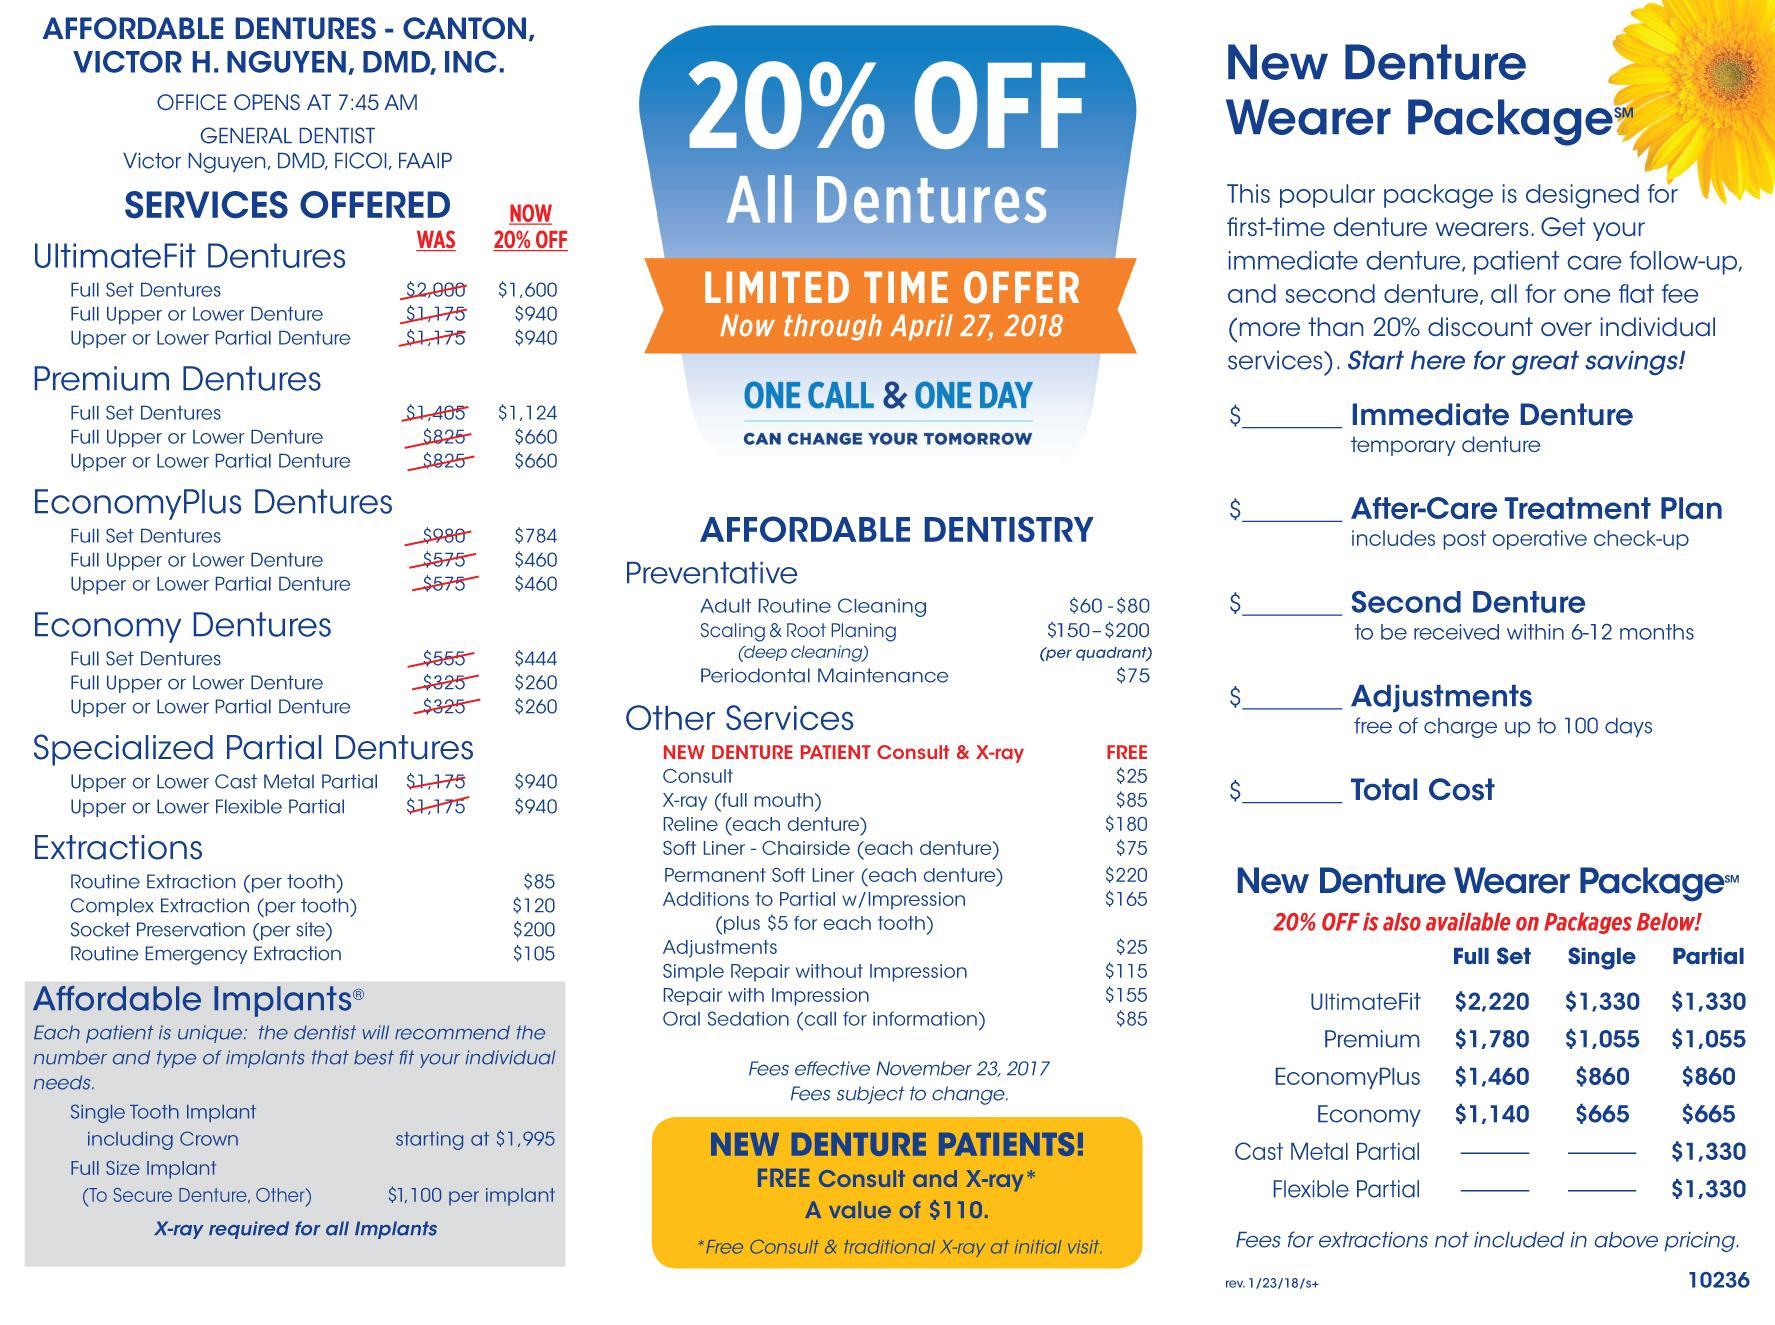 denture care center canton oh dentist 44705 affordable dentures implants. Black Bedroom Furniture Sets. Home Design Ideas